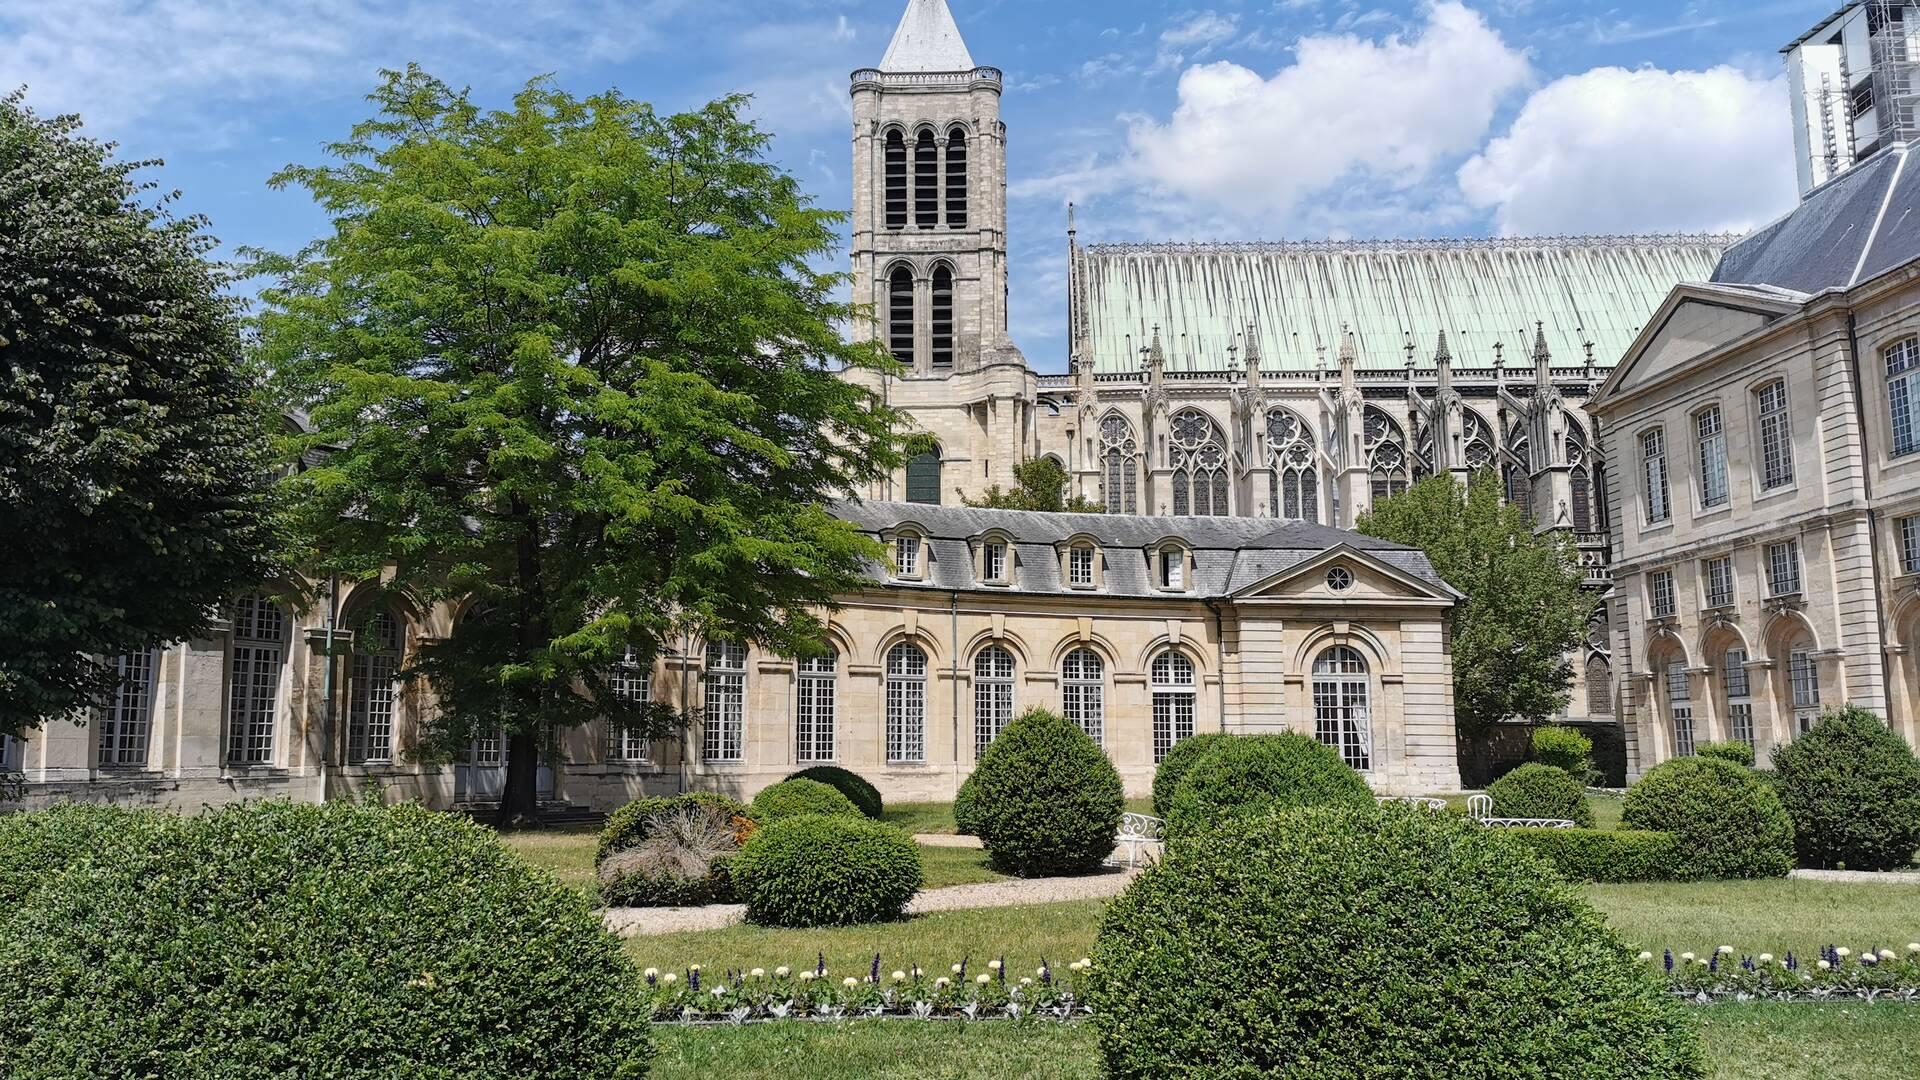 basilique-cathedrale-saint-denis-seine-saint-denis-plaine-commune-grand-paris-nord